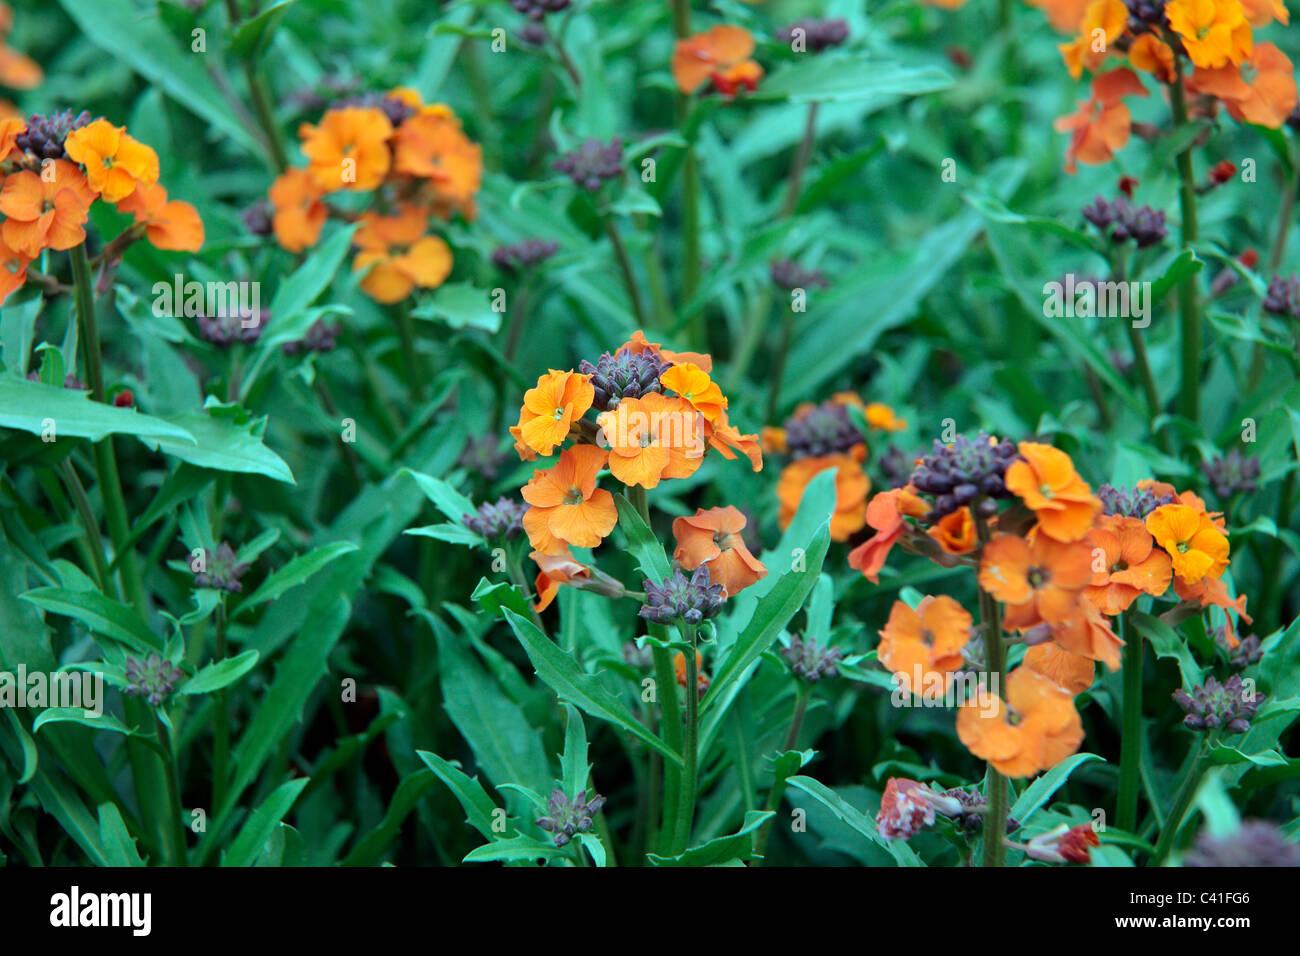 Erysimum 'Apricot Delight' syn. Erysimum 'Apricot Twist' - Wallflower - Stock Image